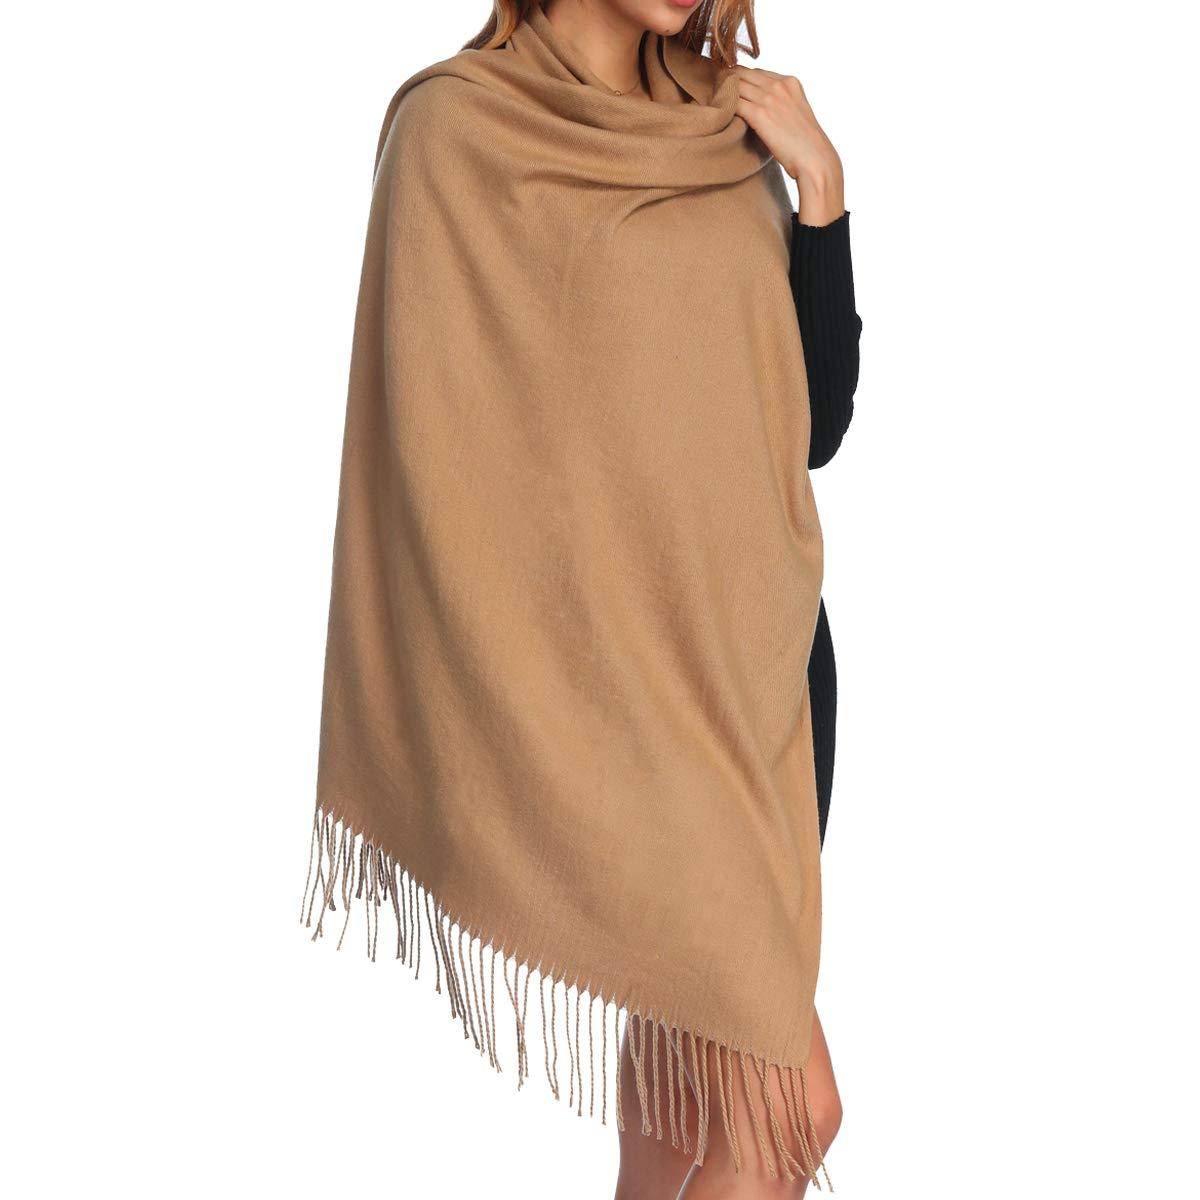 Womens Thick Soft Cashmere Wool Pashmina Shawl Wrap